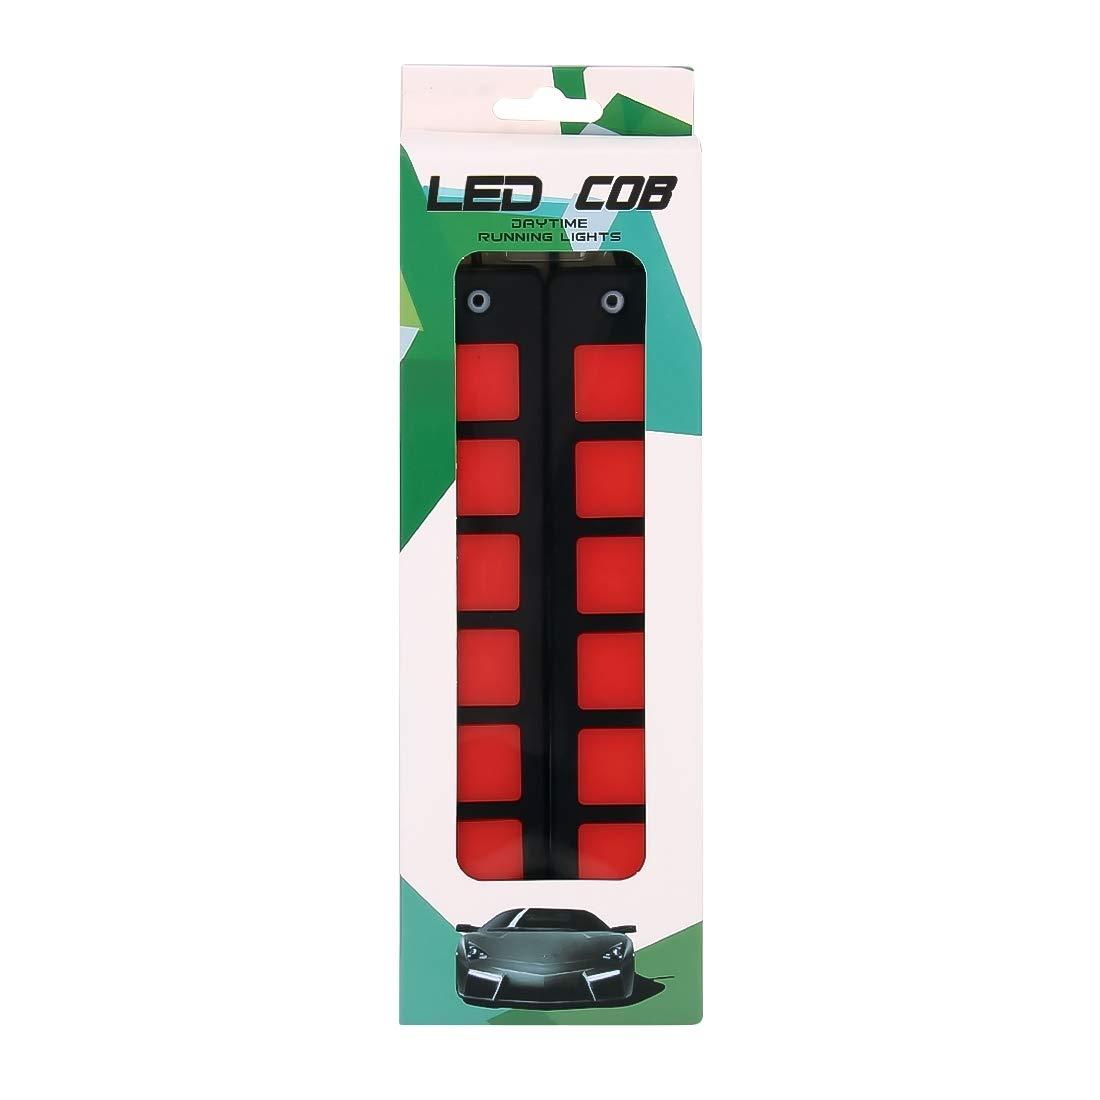 Car Bulbs 2 PCS DC 12V 7.4W Square Shape LED Daytime Running Lights Lamp COB LEDs Color : White Light